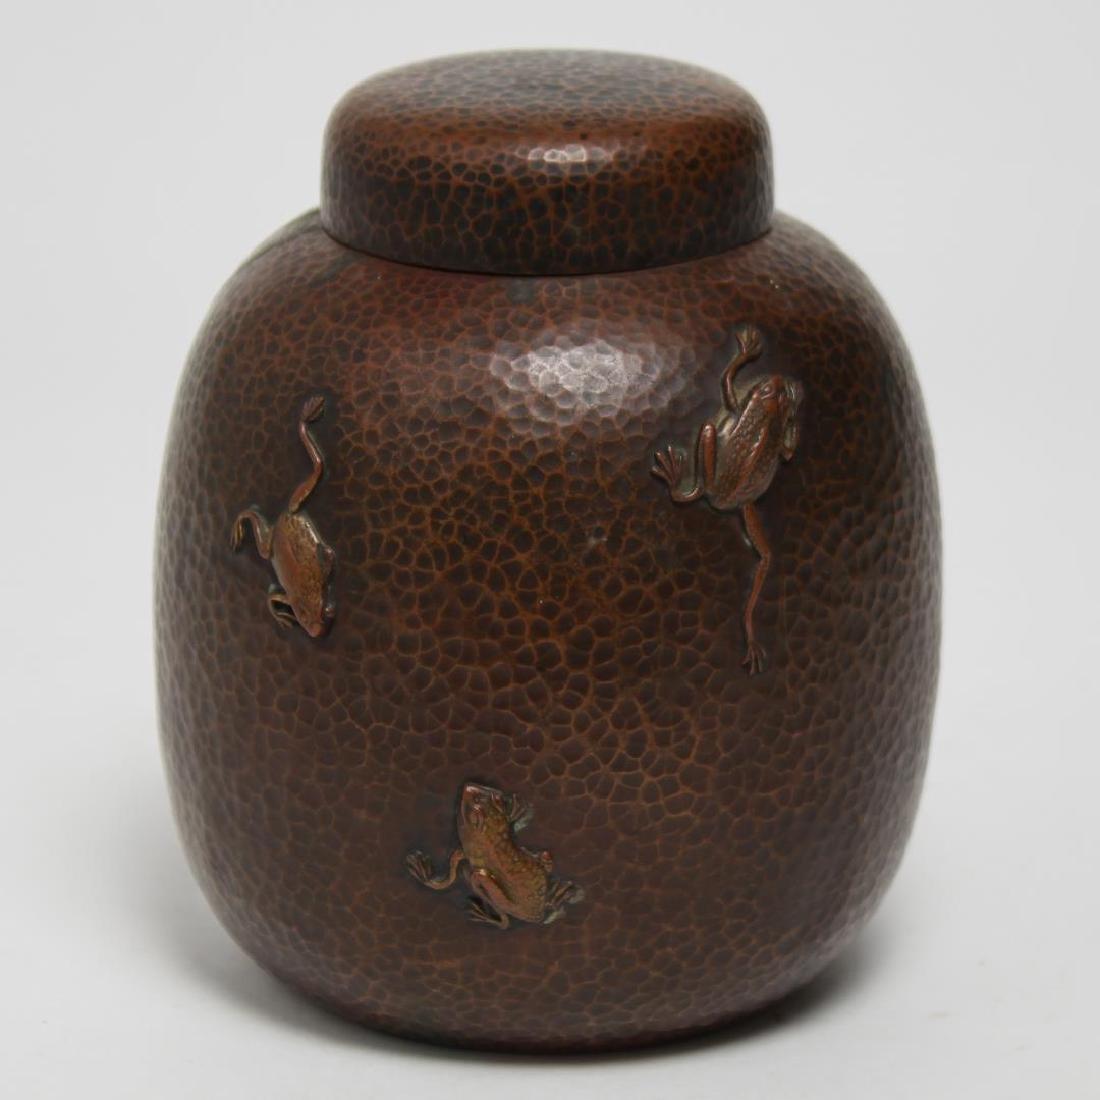 Japanese Hammered Copper Lidded Jar, Antique